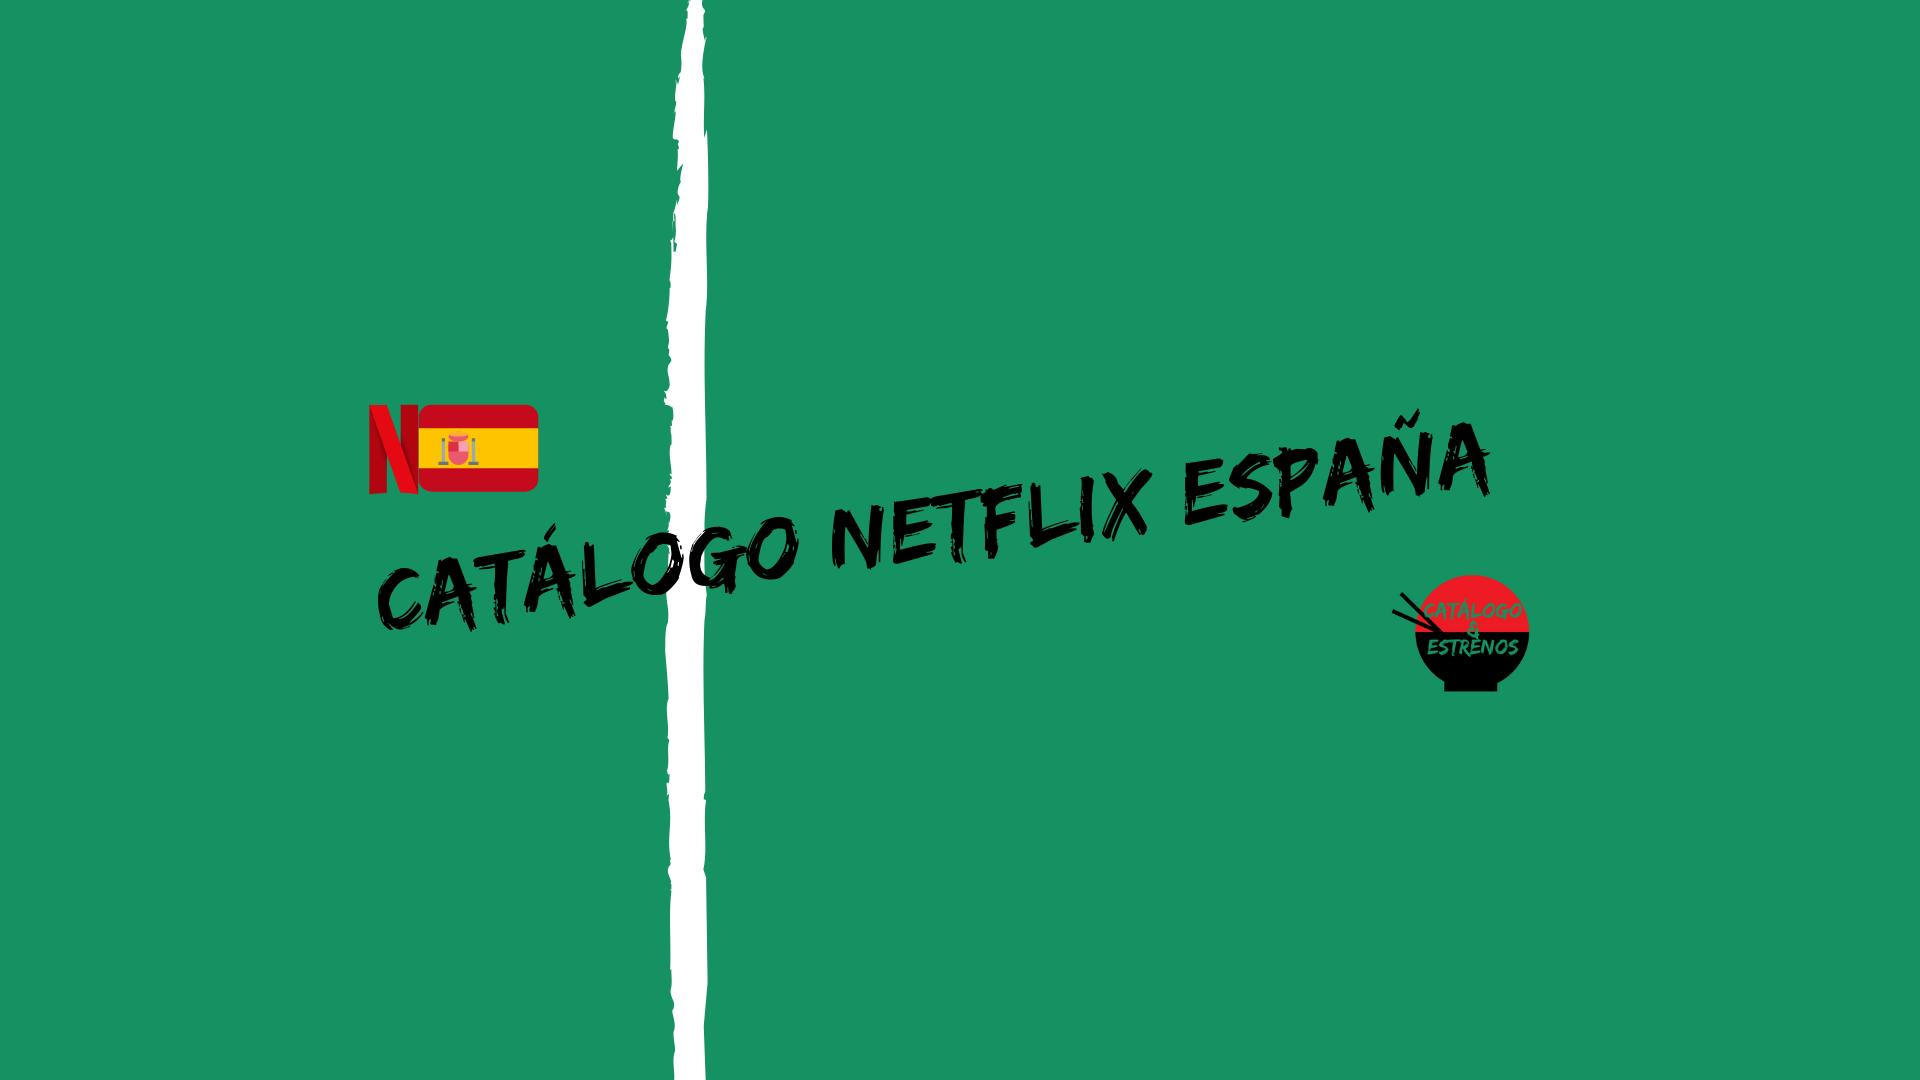 Todo el Catálogo de Netflix España Películas, Series & mucho más